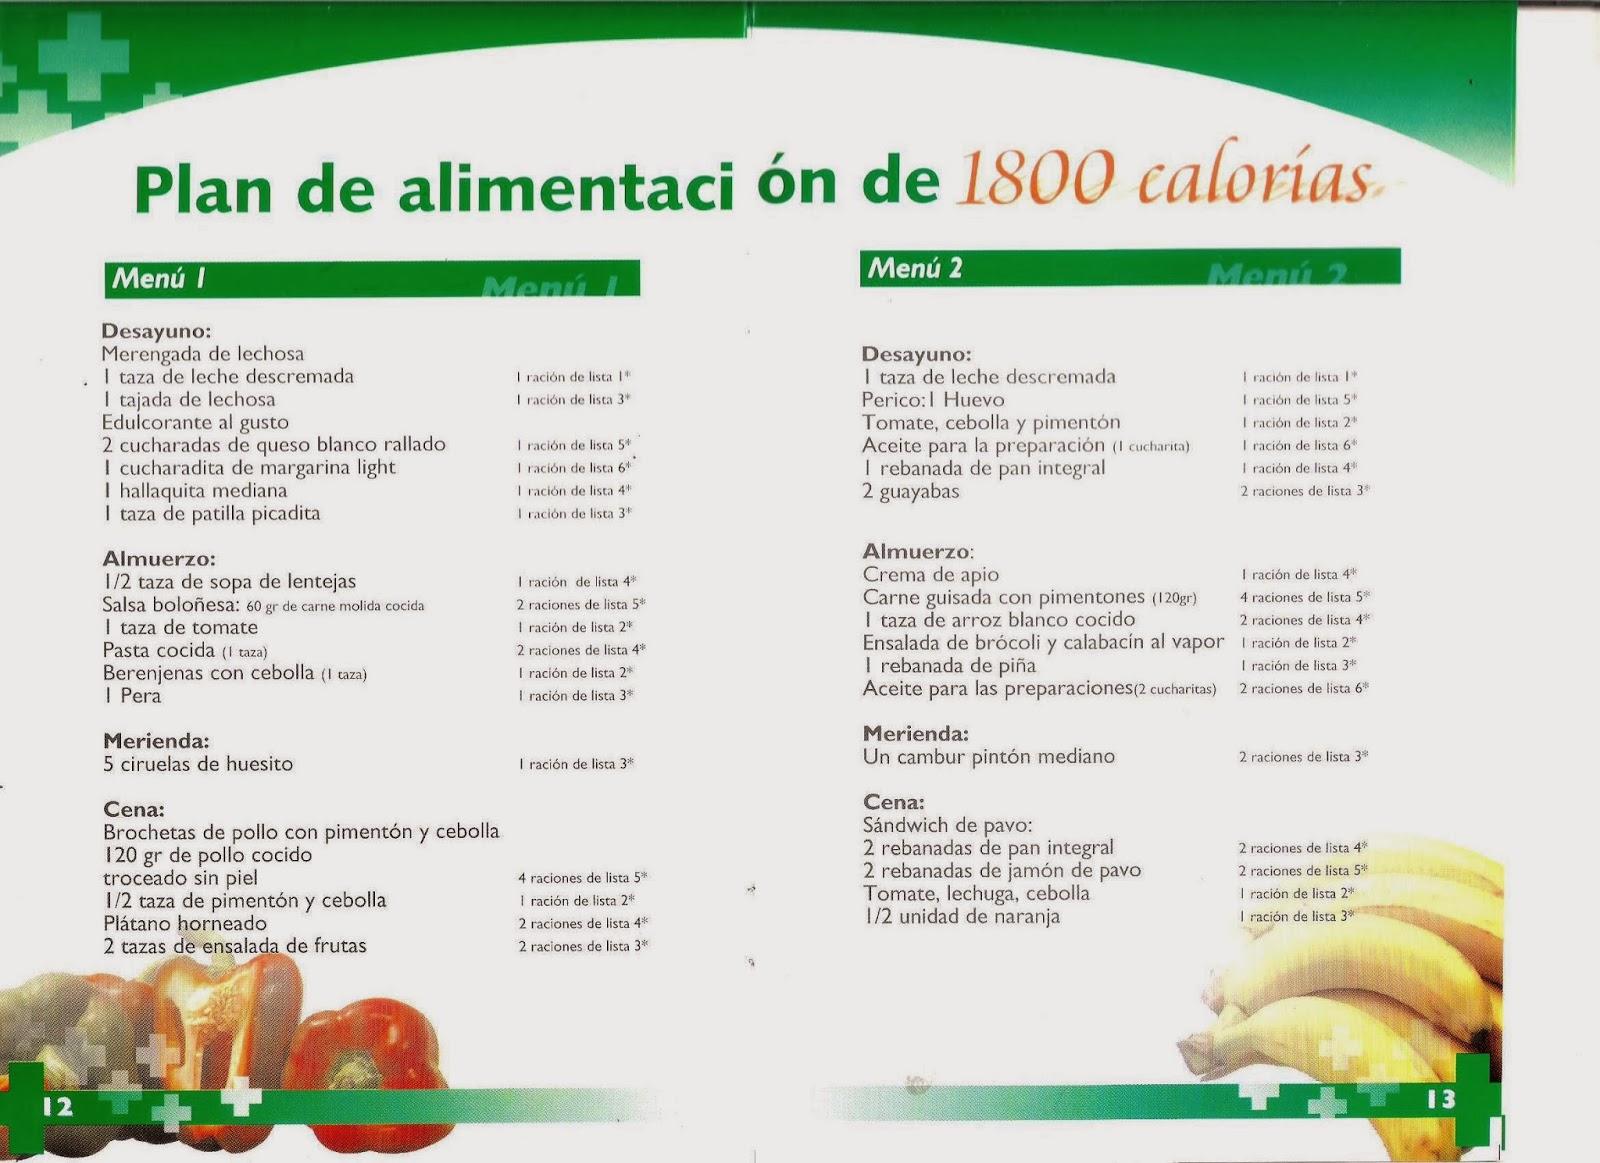 Plan de alimentación de 1800 calorías